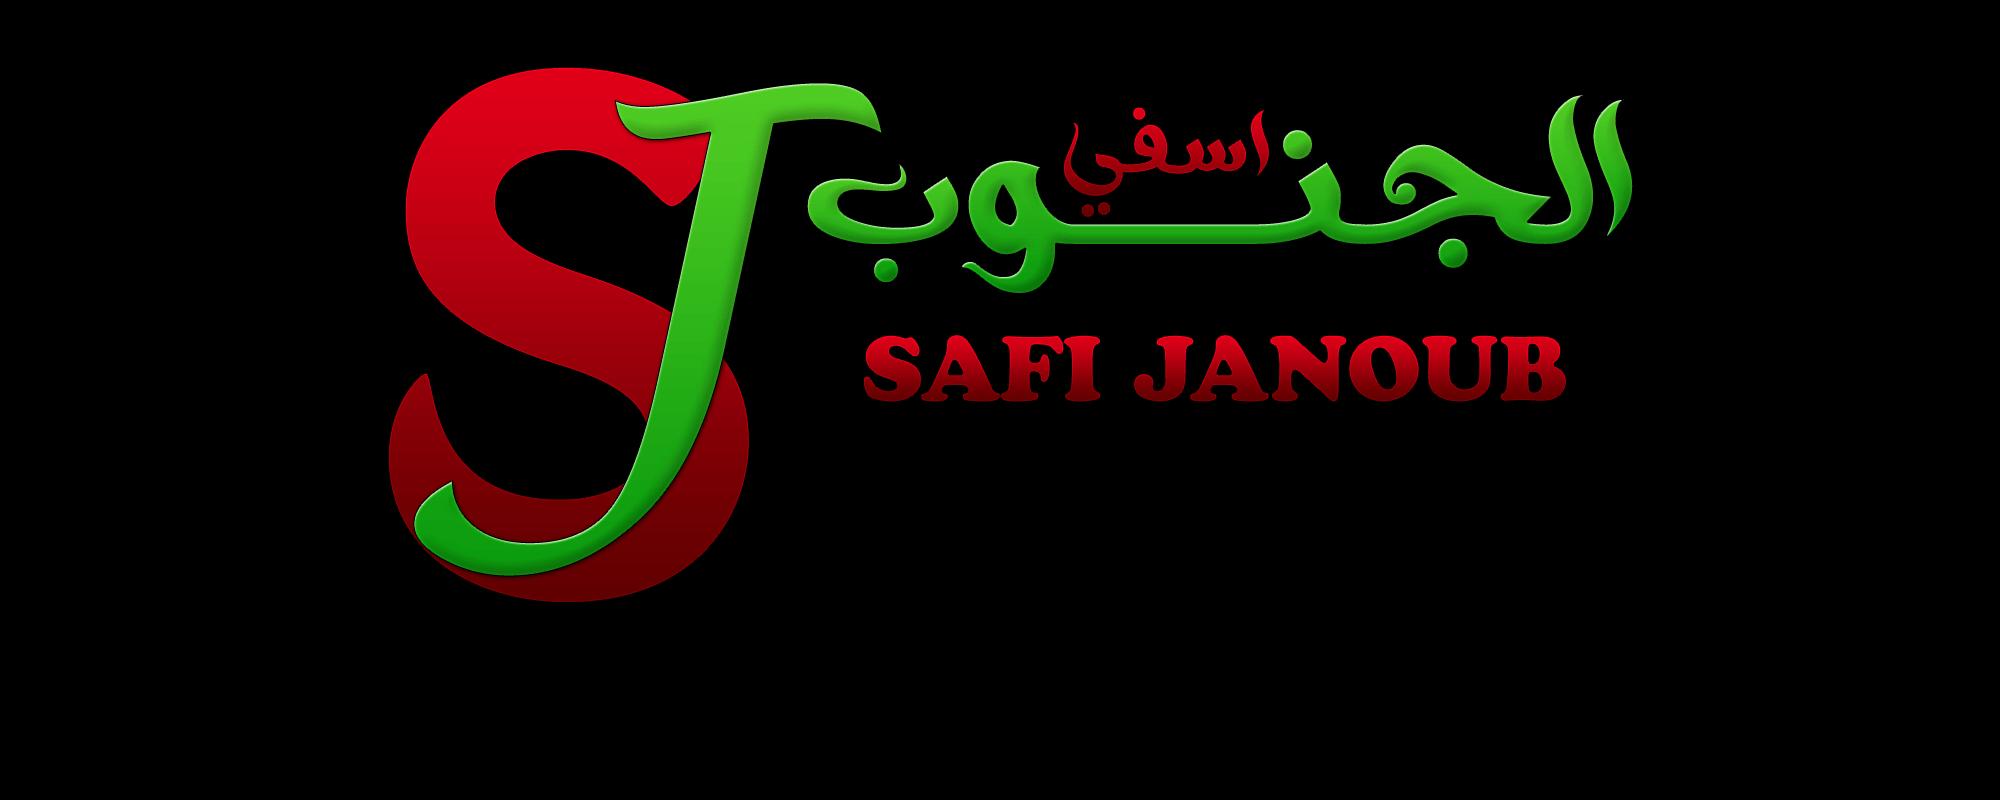 safisud.com